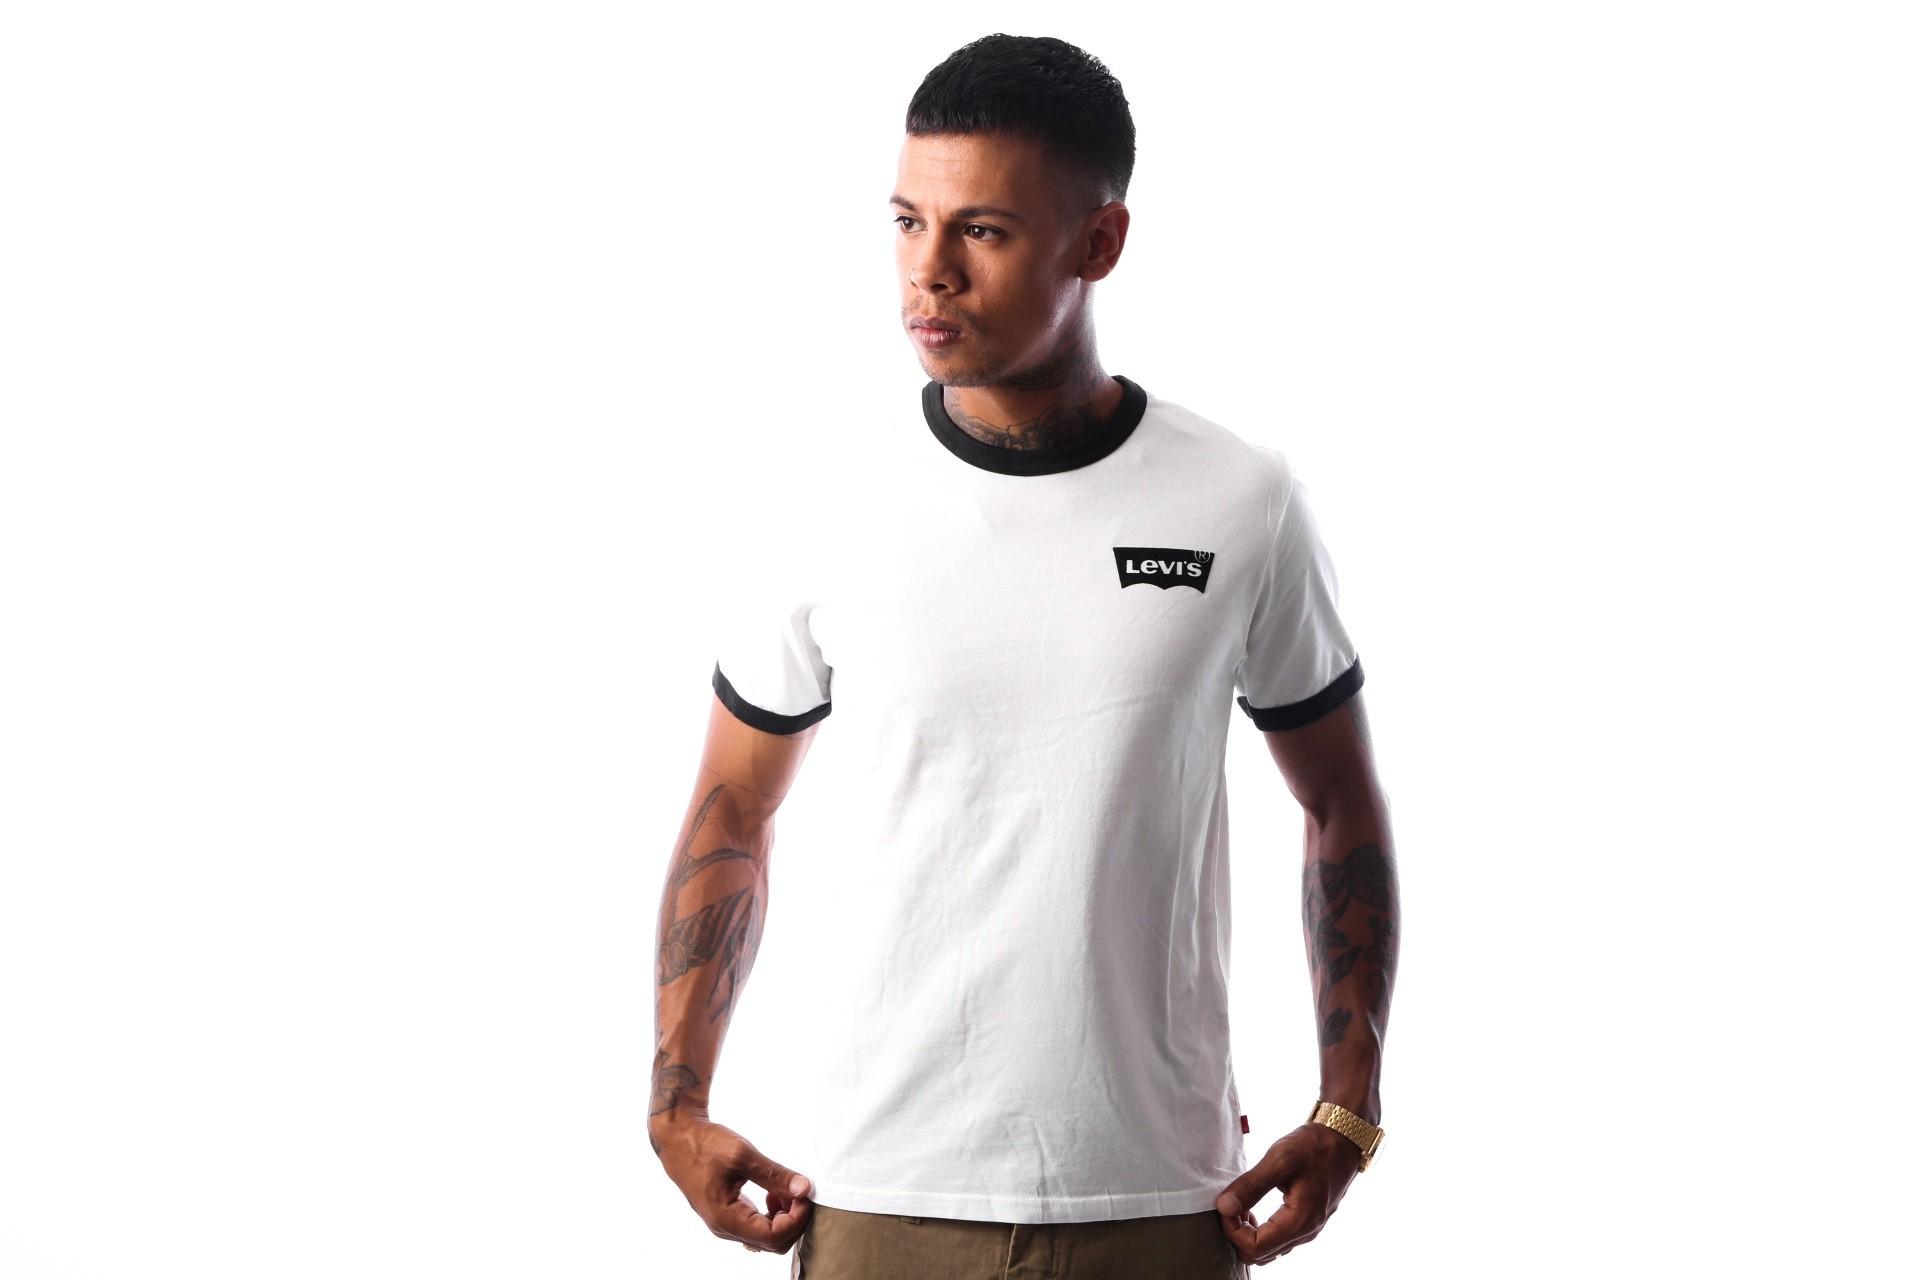 Afbeelding van Levi`s SS RINGER TEE HOUSEMARK 39969-0009 T-Shirt Hm Ringer White/Black